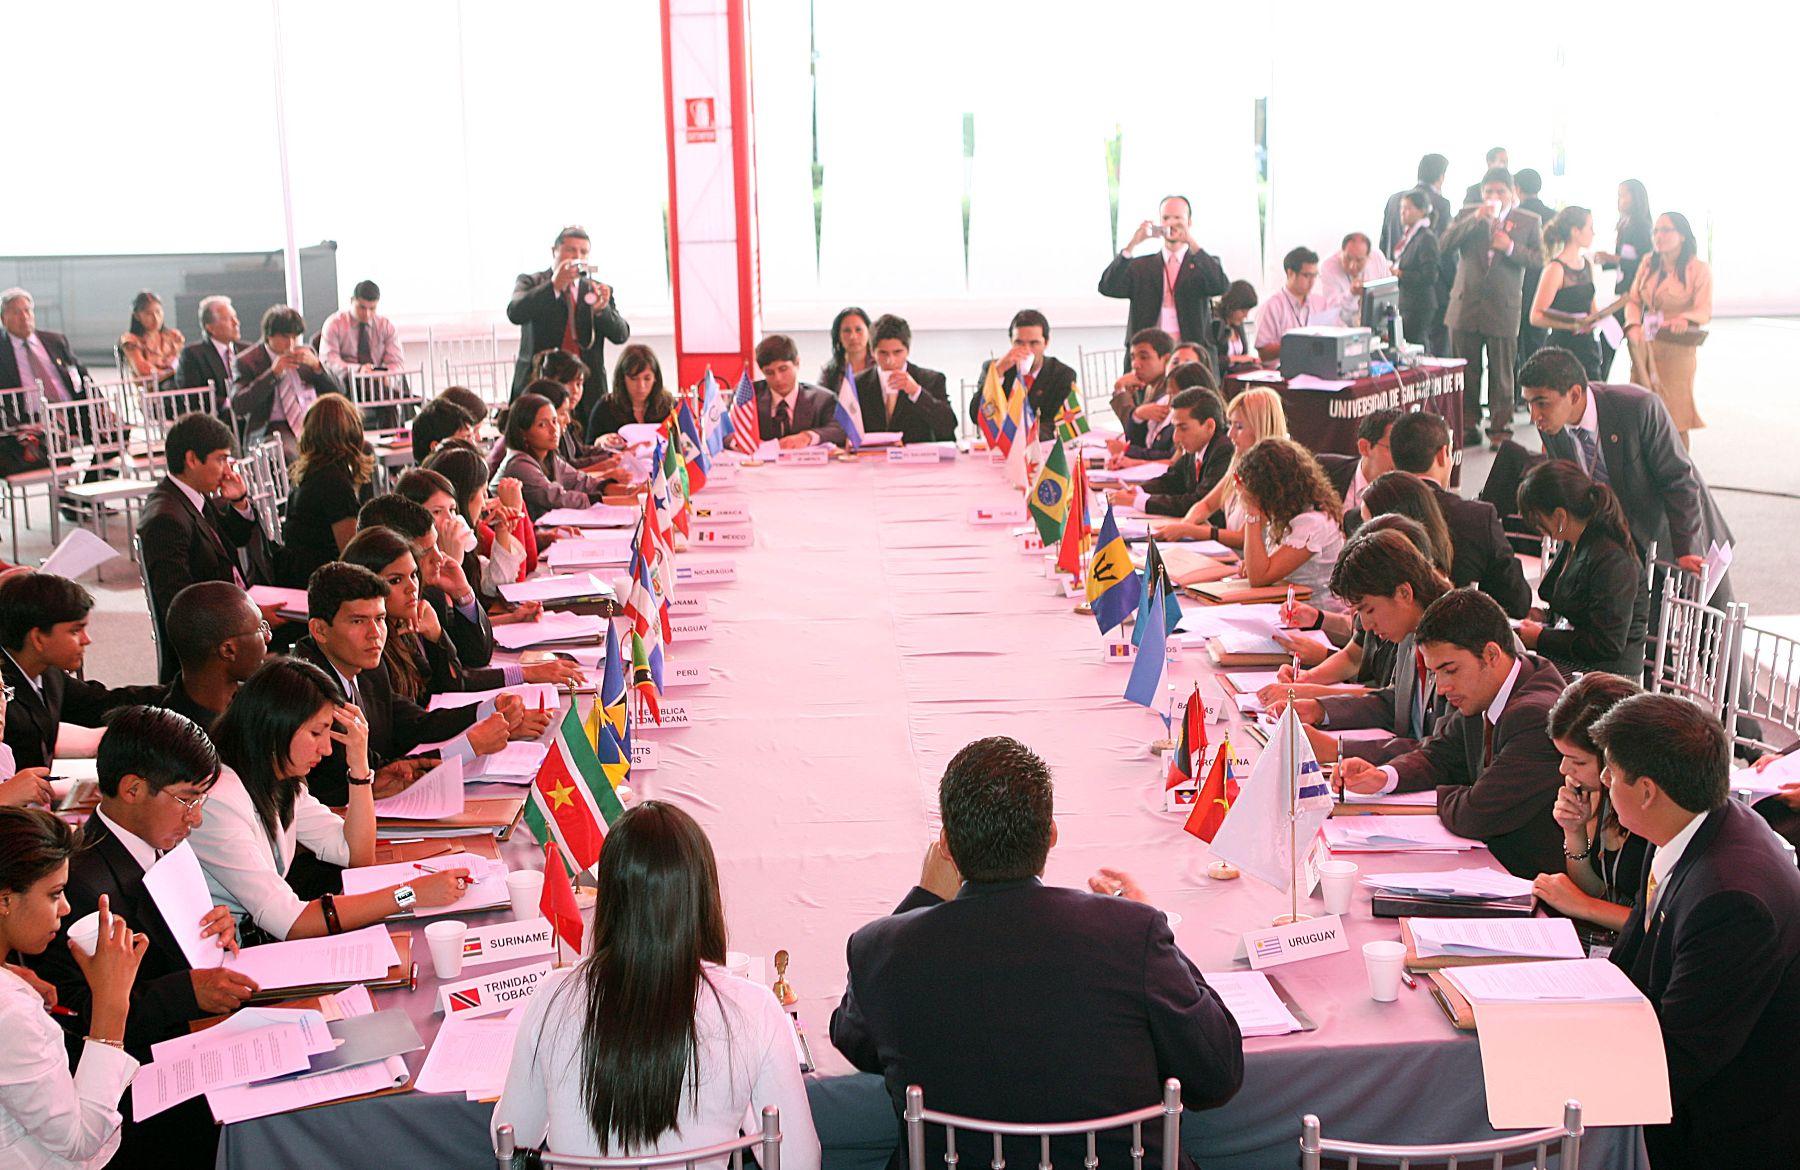 Delegados de los paises miembros de la OEA,  participan en el XXVIII  Modelo de la Asamblea General de la Organización de Estados Americanos (MOEA).Foto: ANDINA/Norman Córdova